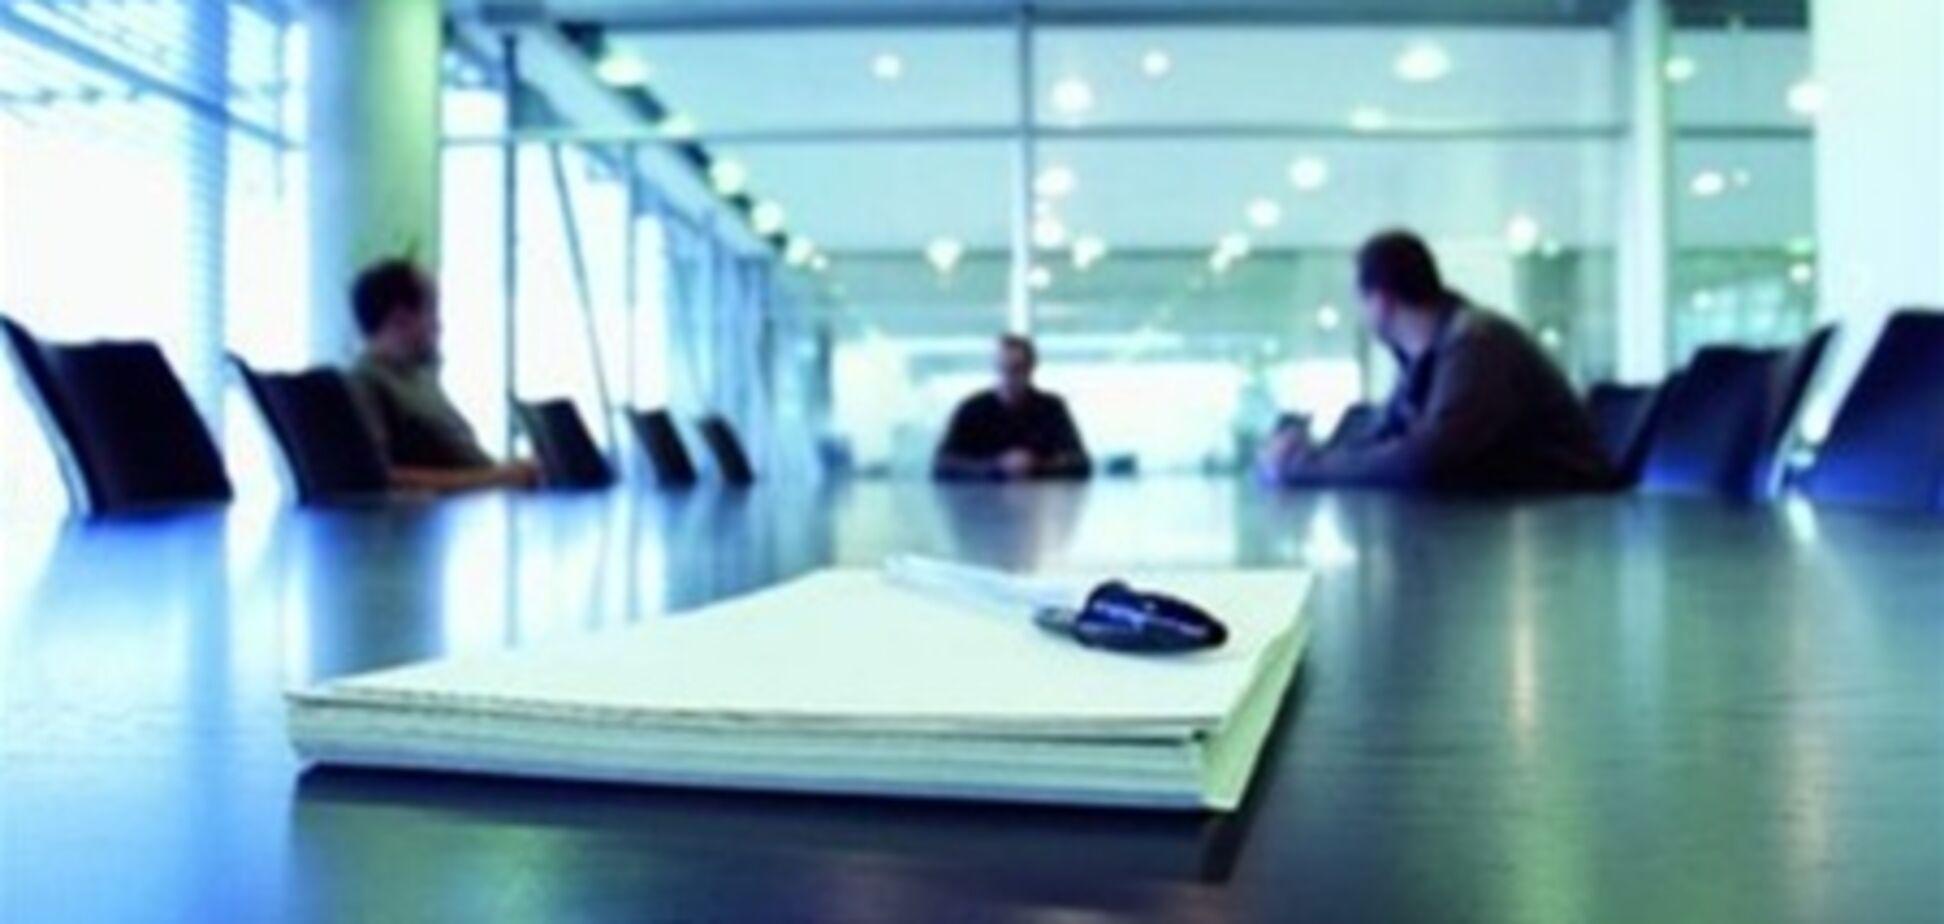 ЕК: Великобритания дискриминирует работников из новых стран ЕС